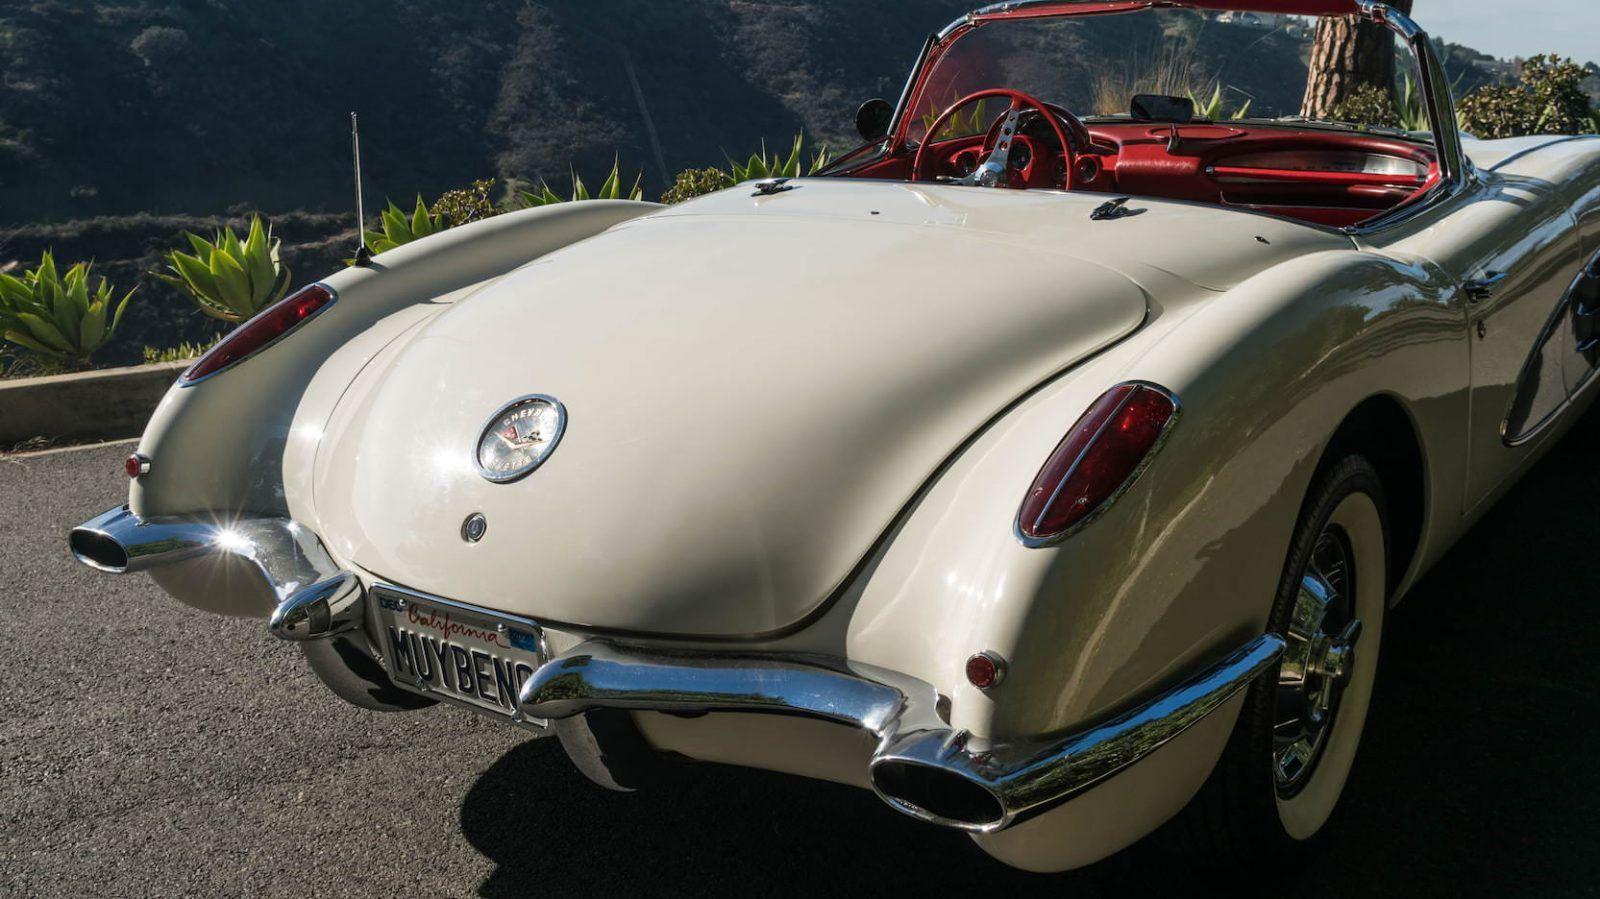 1960 Chevrolet Corvette C1 Dual-Quad 4-Speed | Corvette, Chevrolet ...